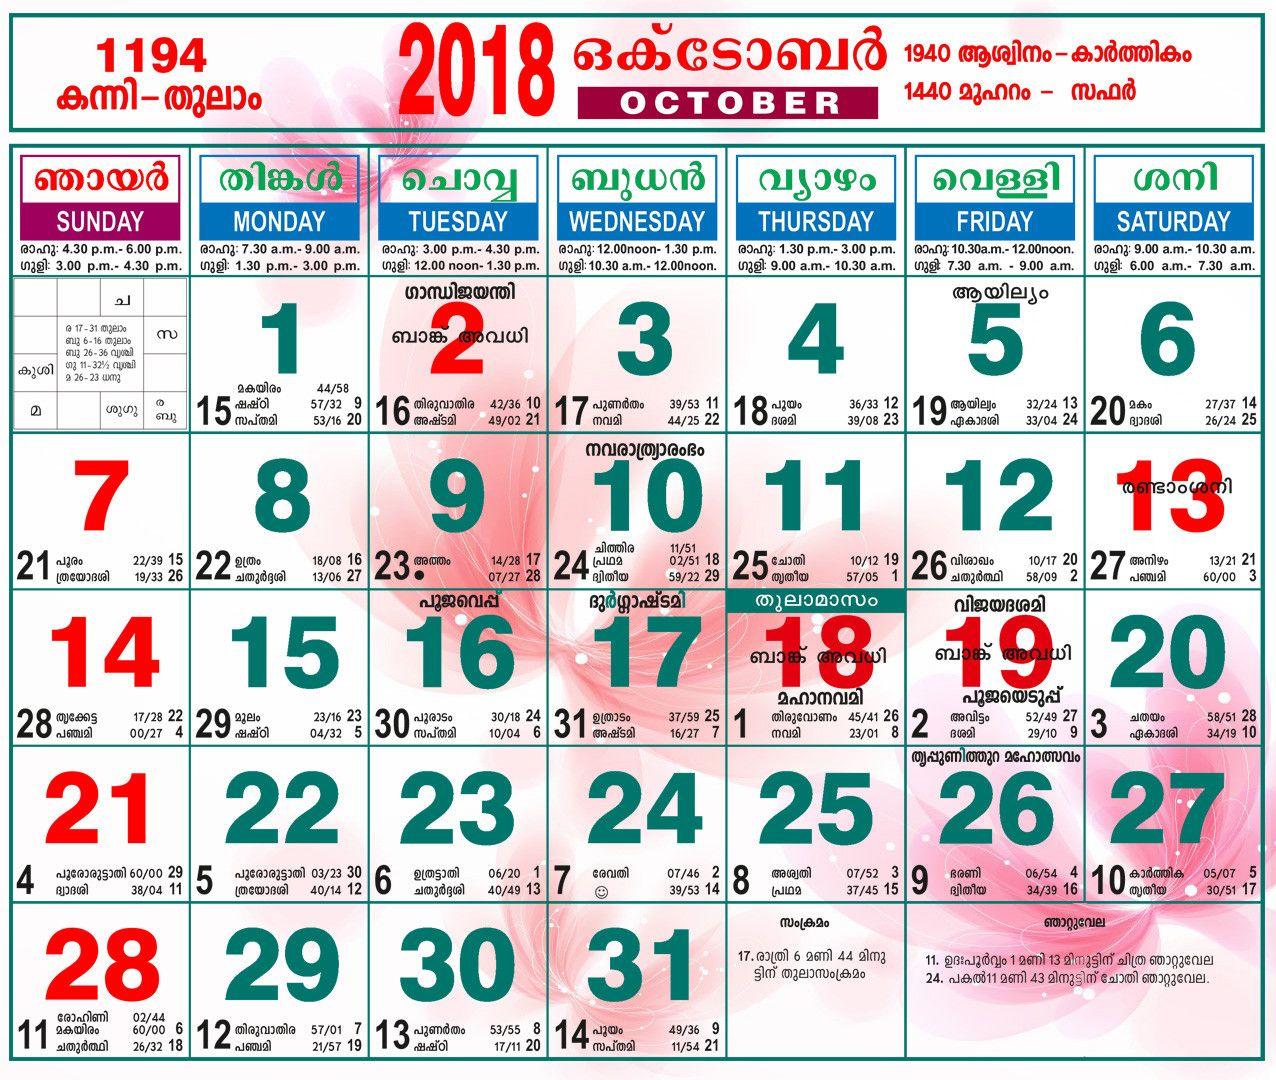 オリジナル Malayalam Calendar 2019 July  ジャトガヤマ for Manorama Calendar 2016